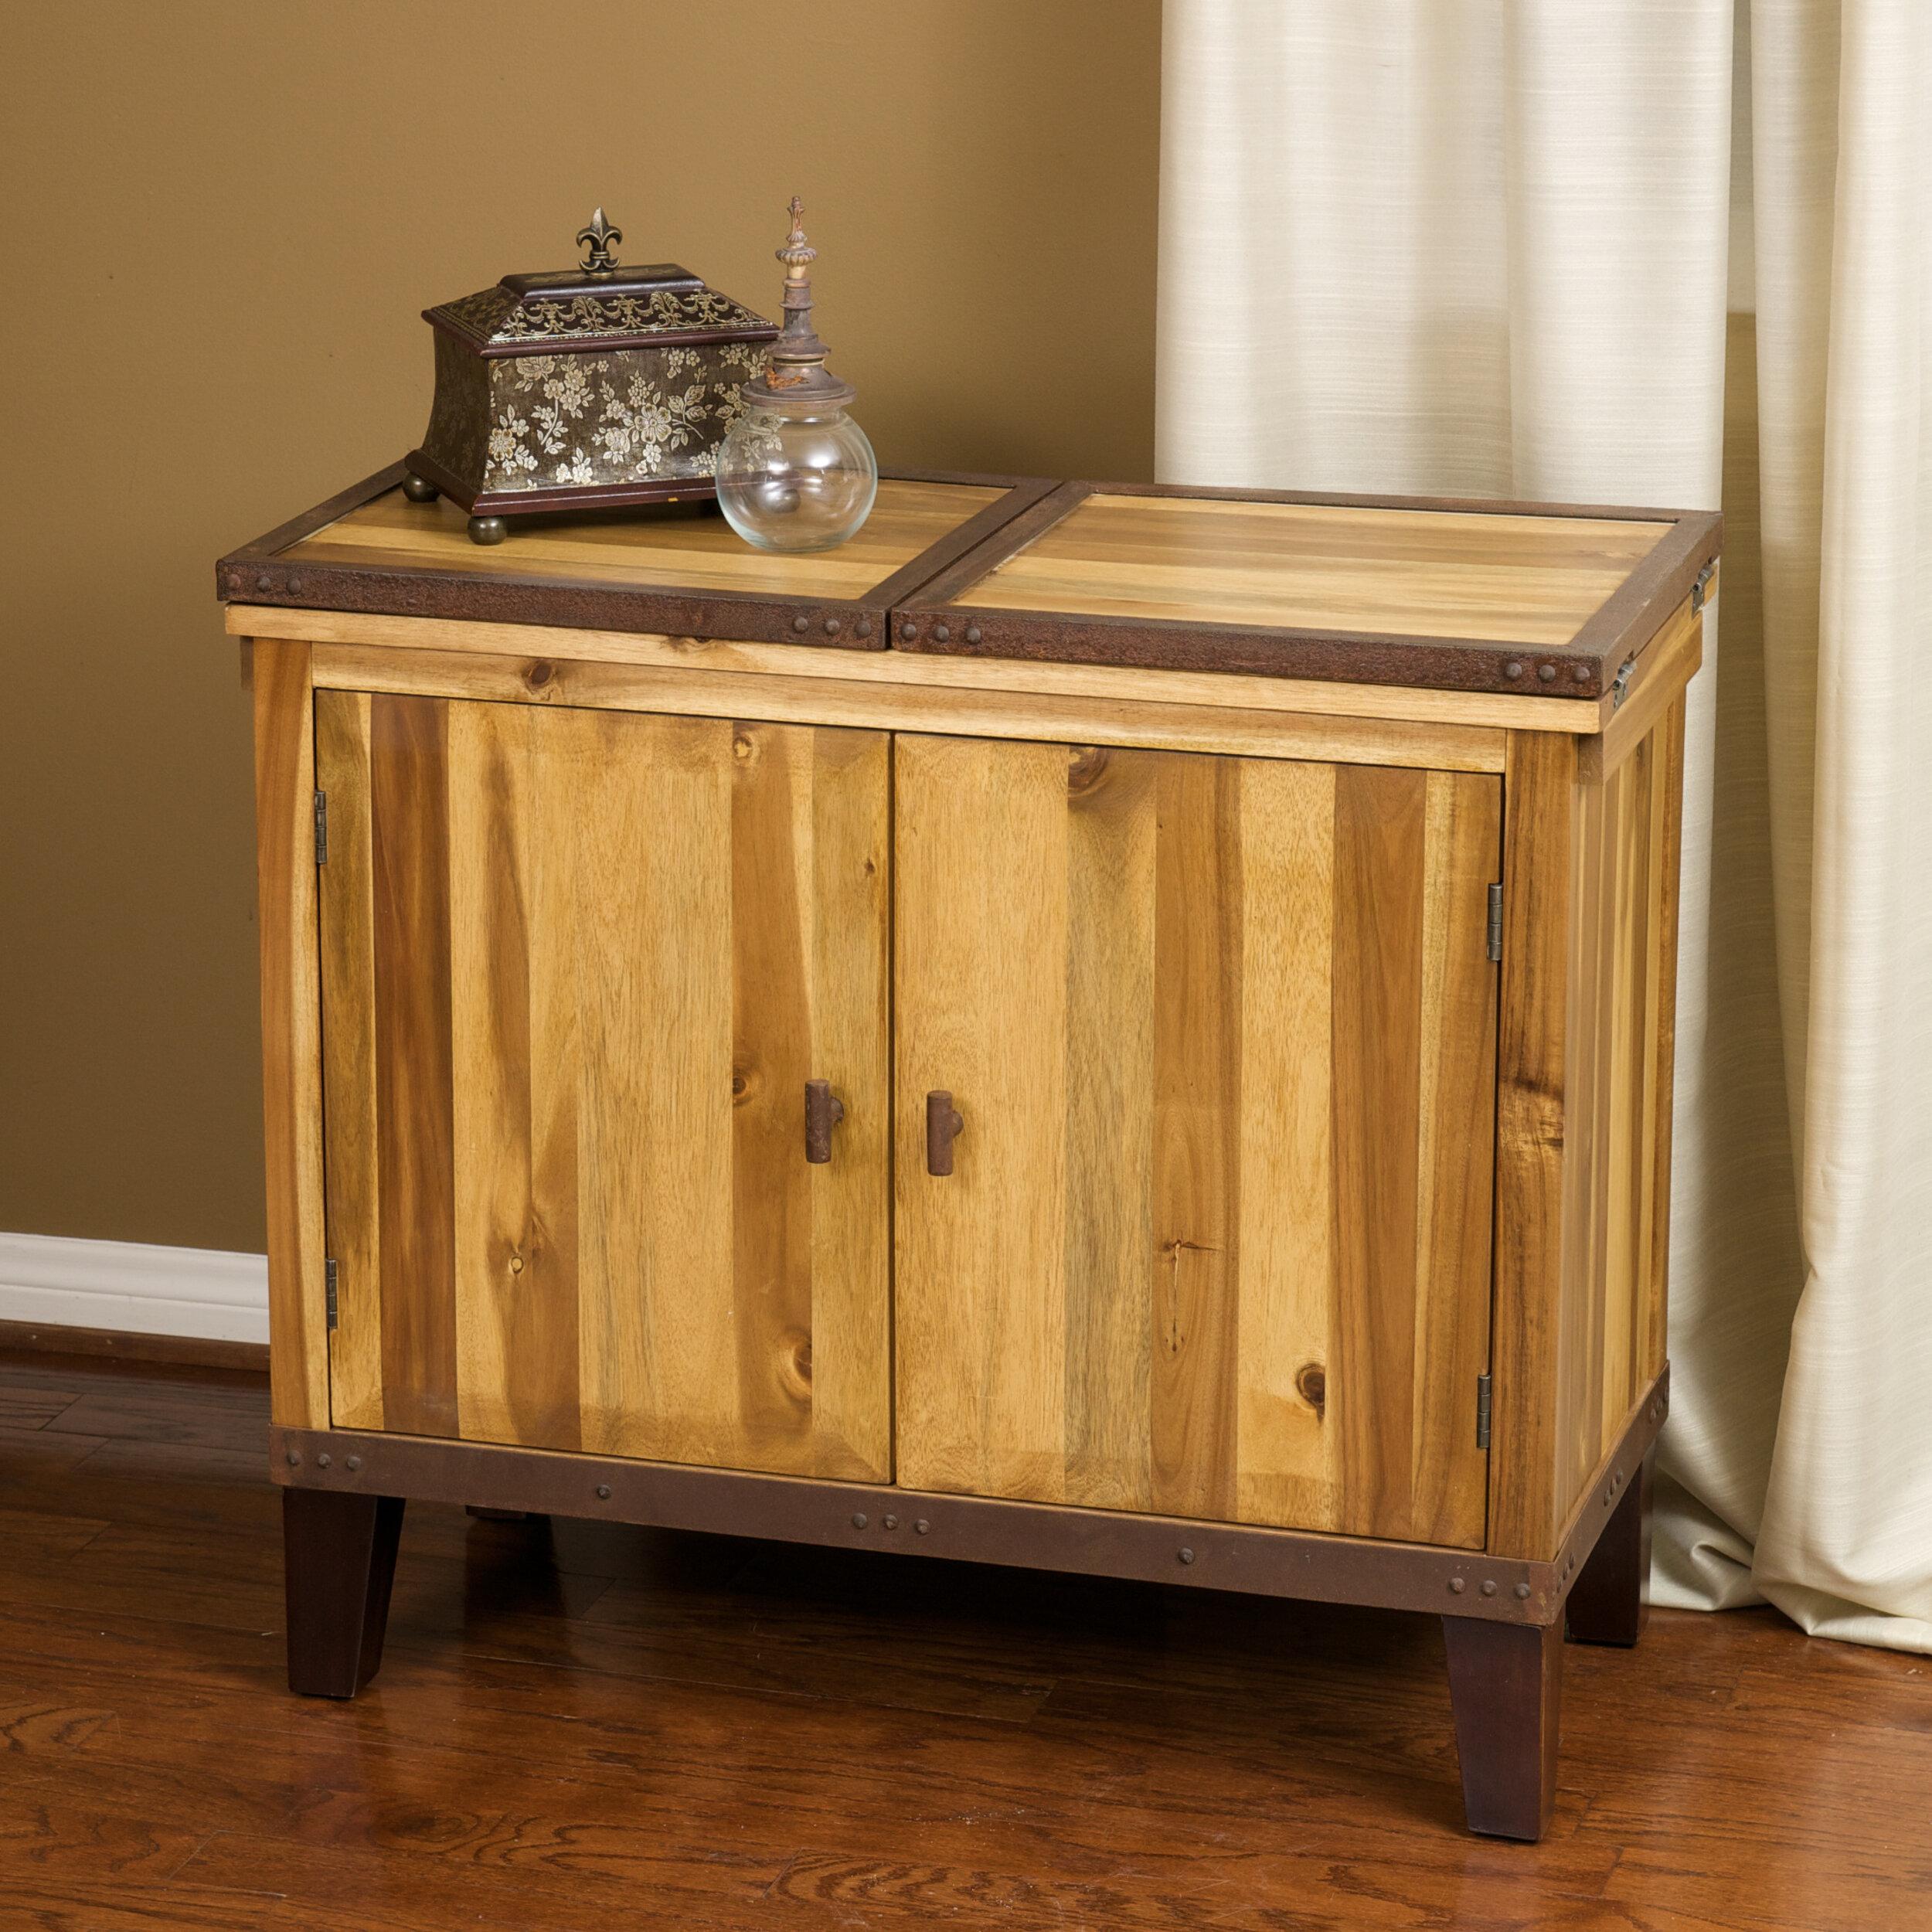 Home loft concepts knox acacia wood bar cabinet reviews wayfair